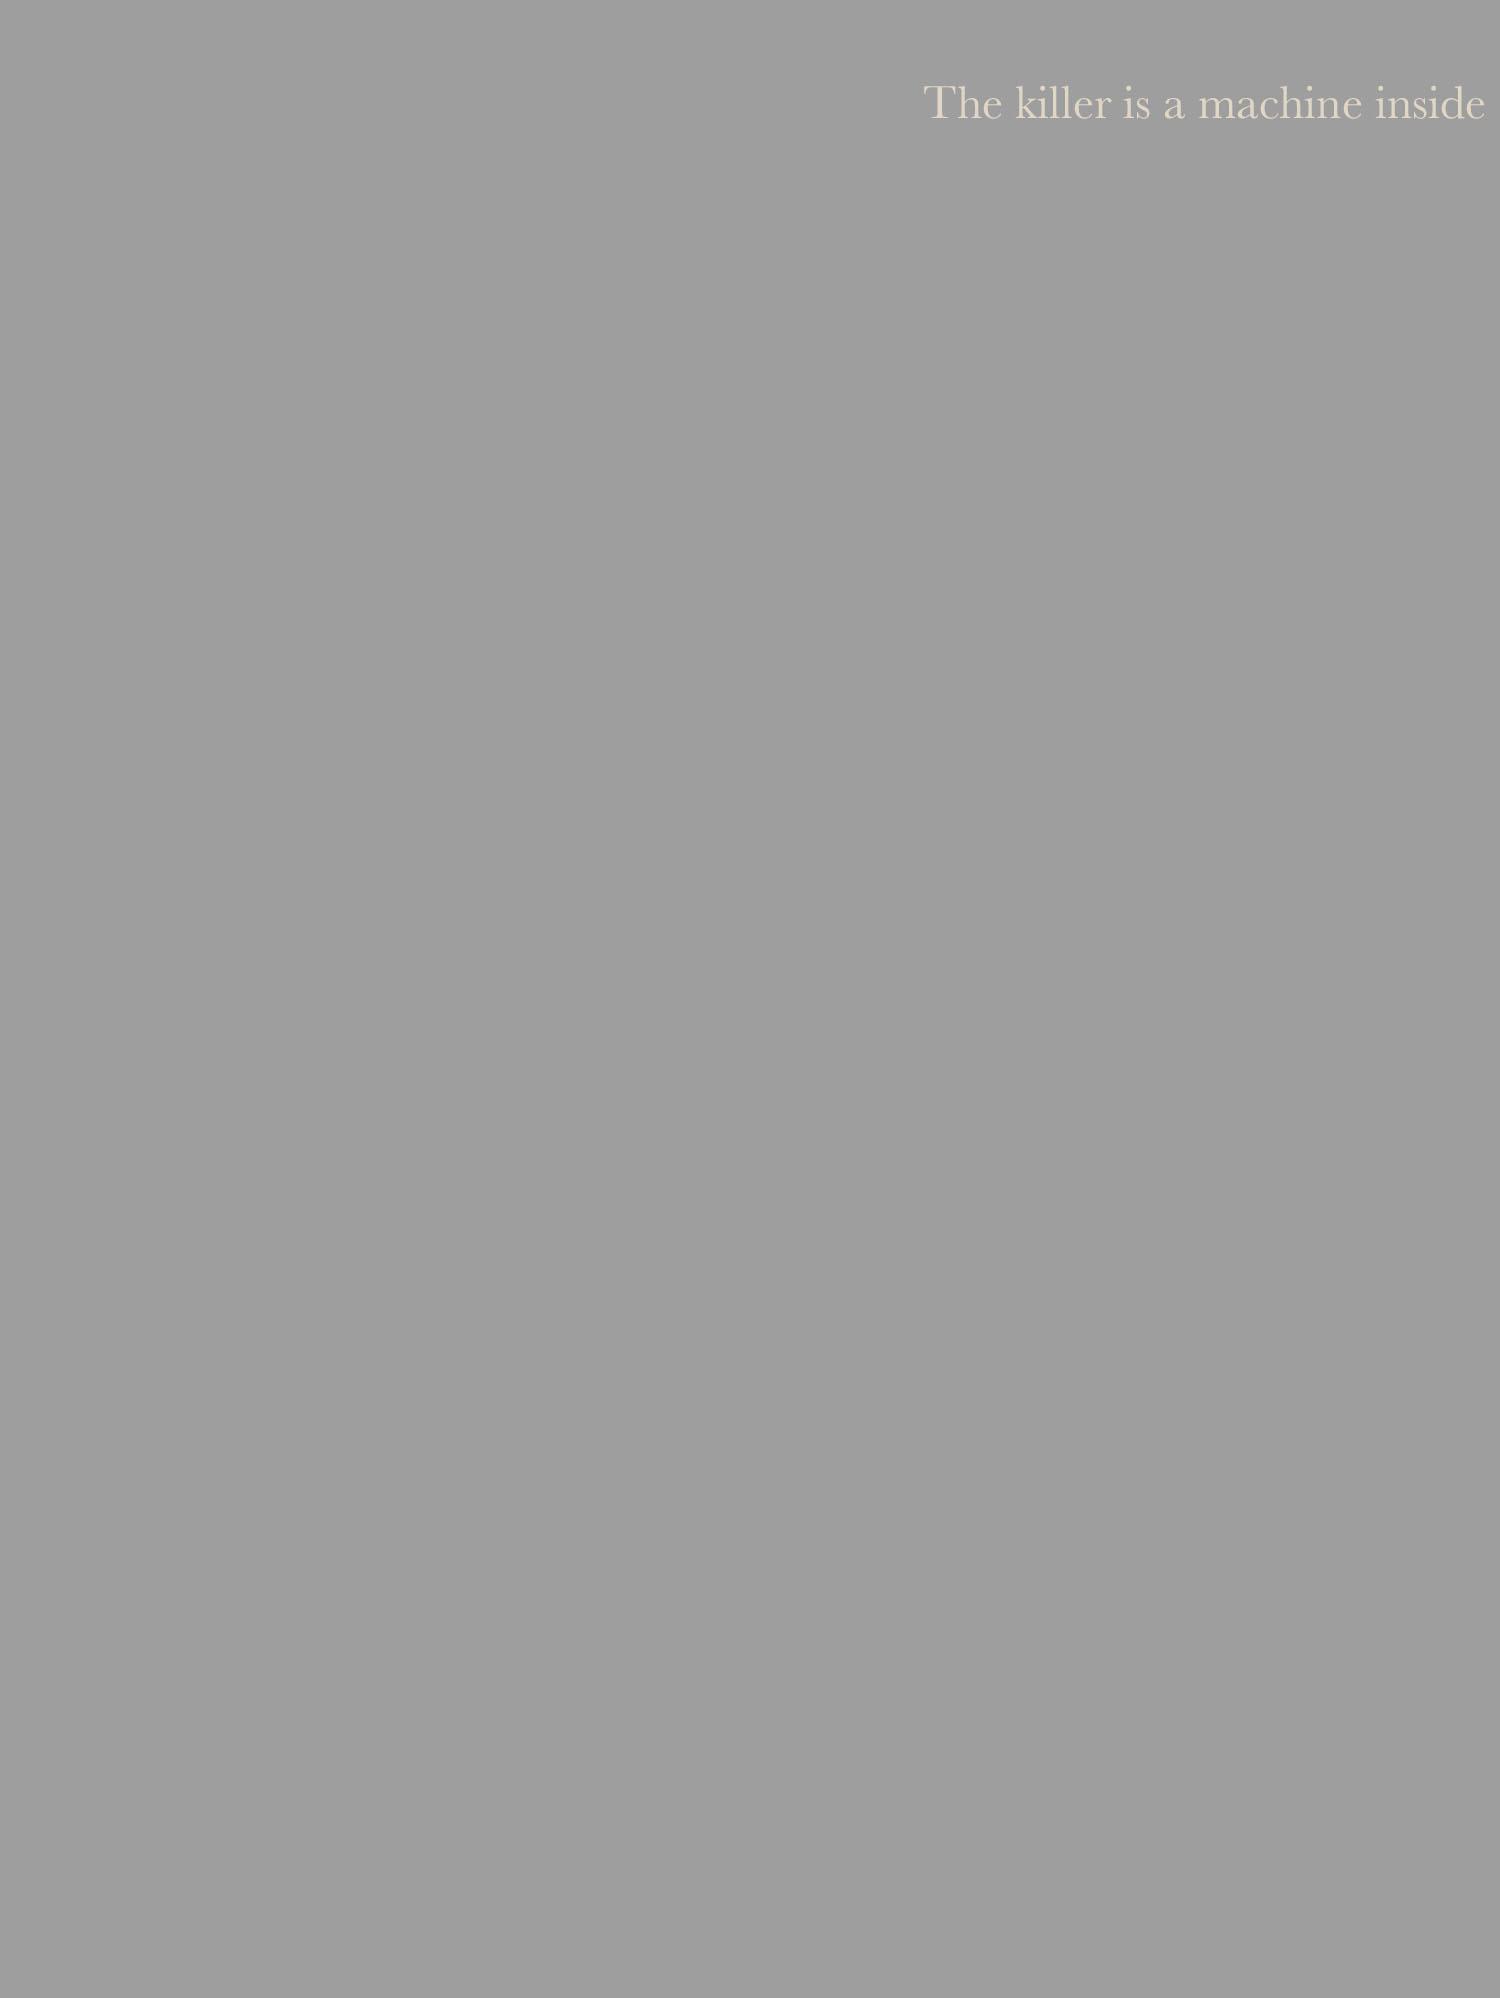 WISFH-thekillerisamachineinside-title.jpg